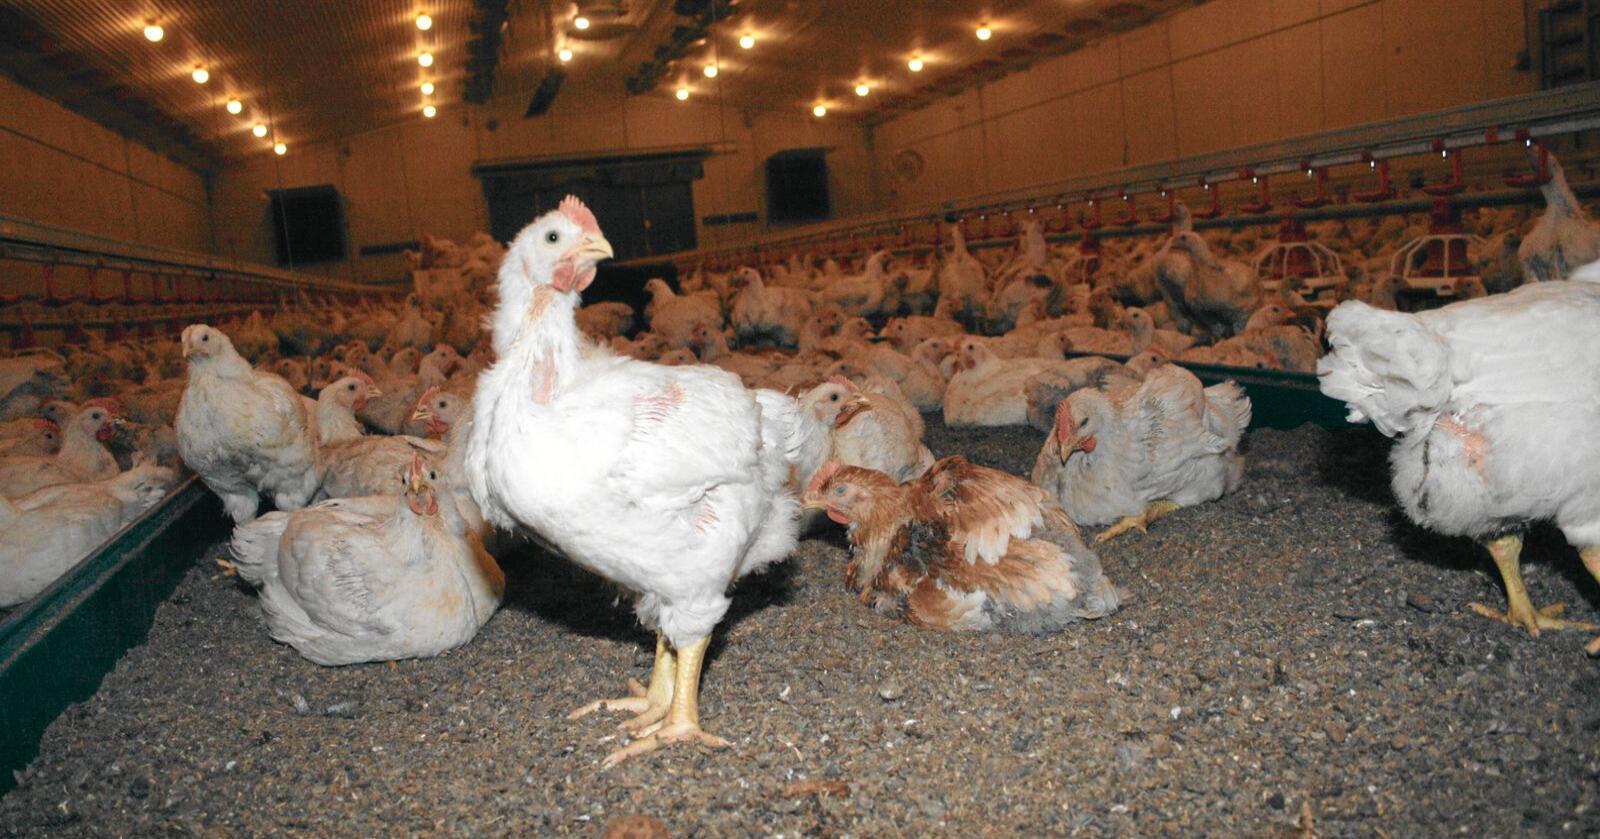 Kyllingrekord: Produksjonen av slaktekylling auka med 9,9 prosent eller over 8800 tonn i fjor og sette med det ny rekord med god margin. Foto: Bjarne Bekkeheien Aase